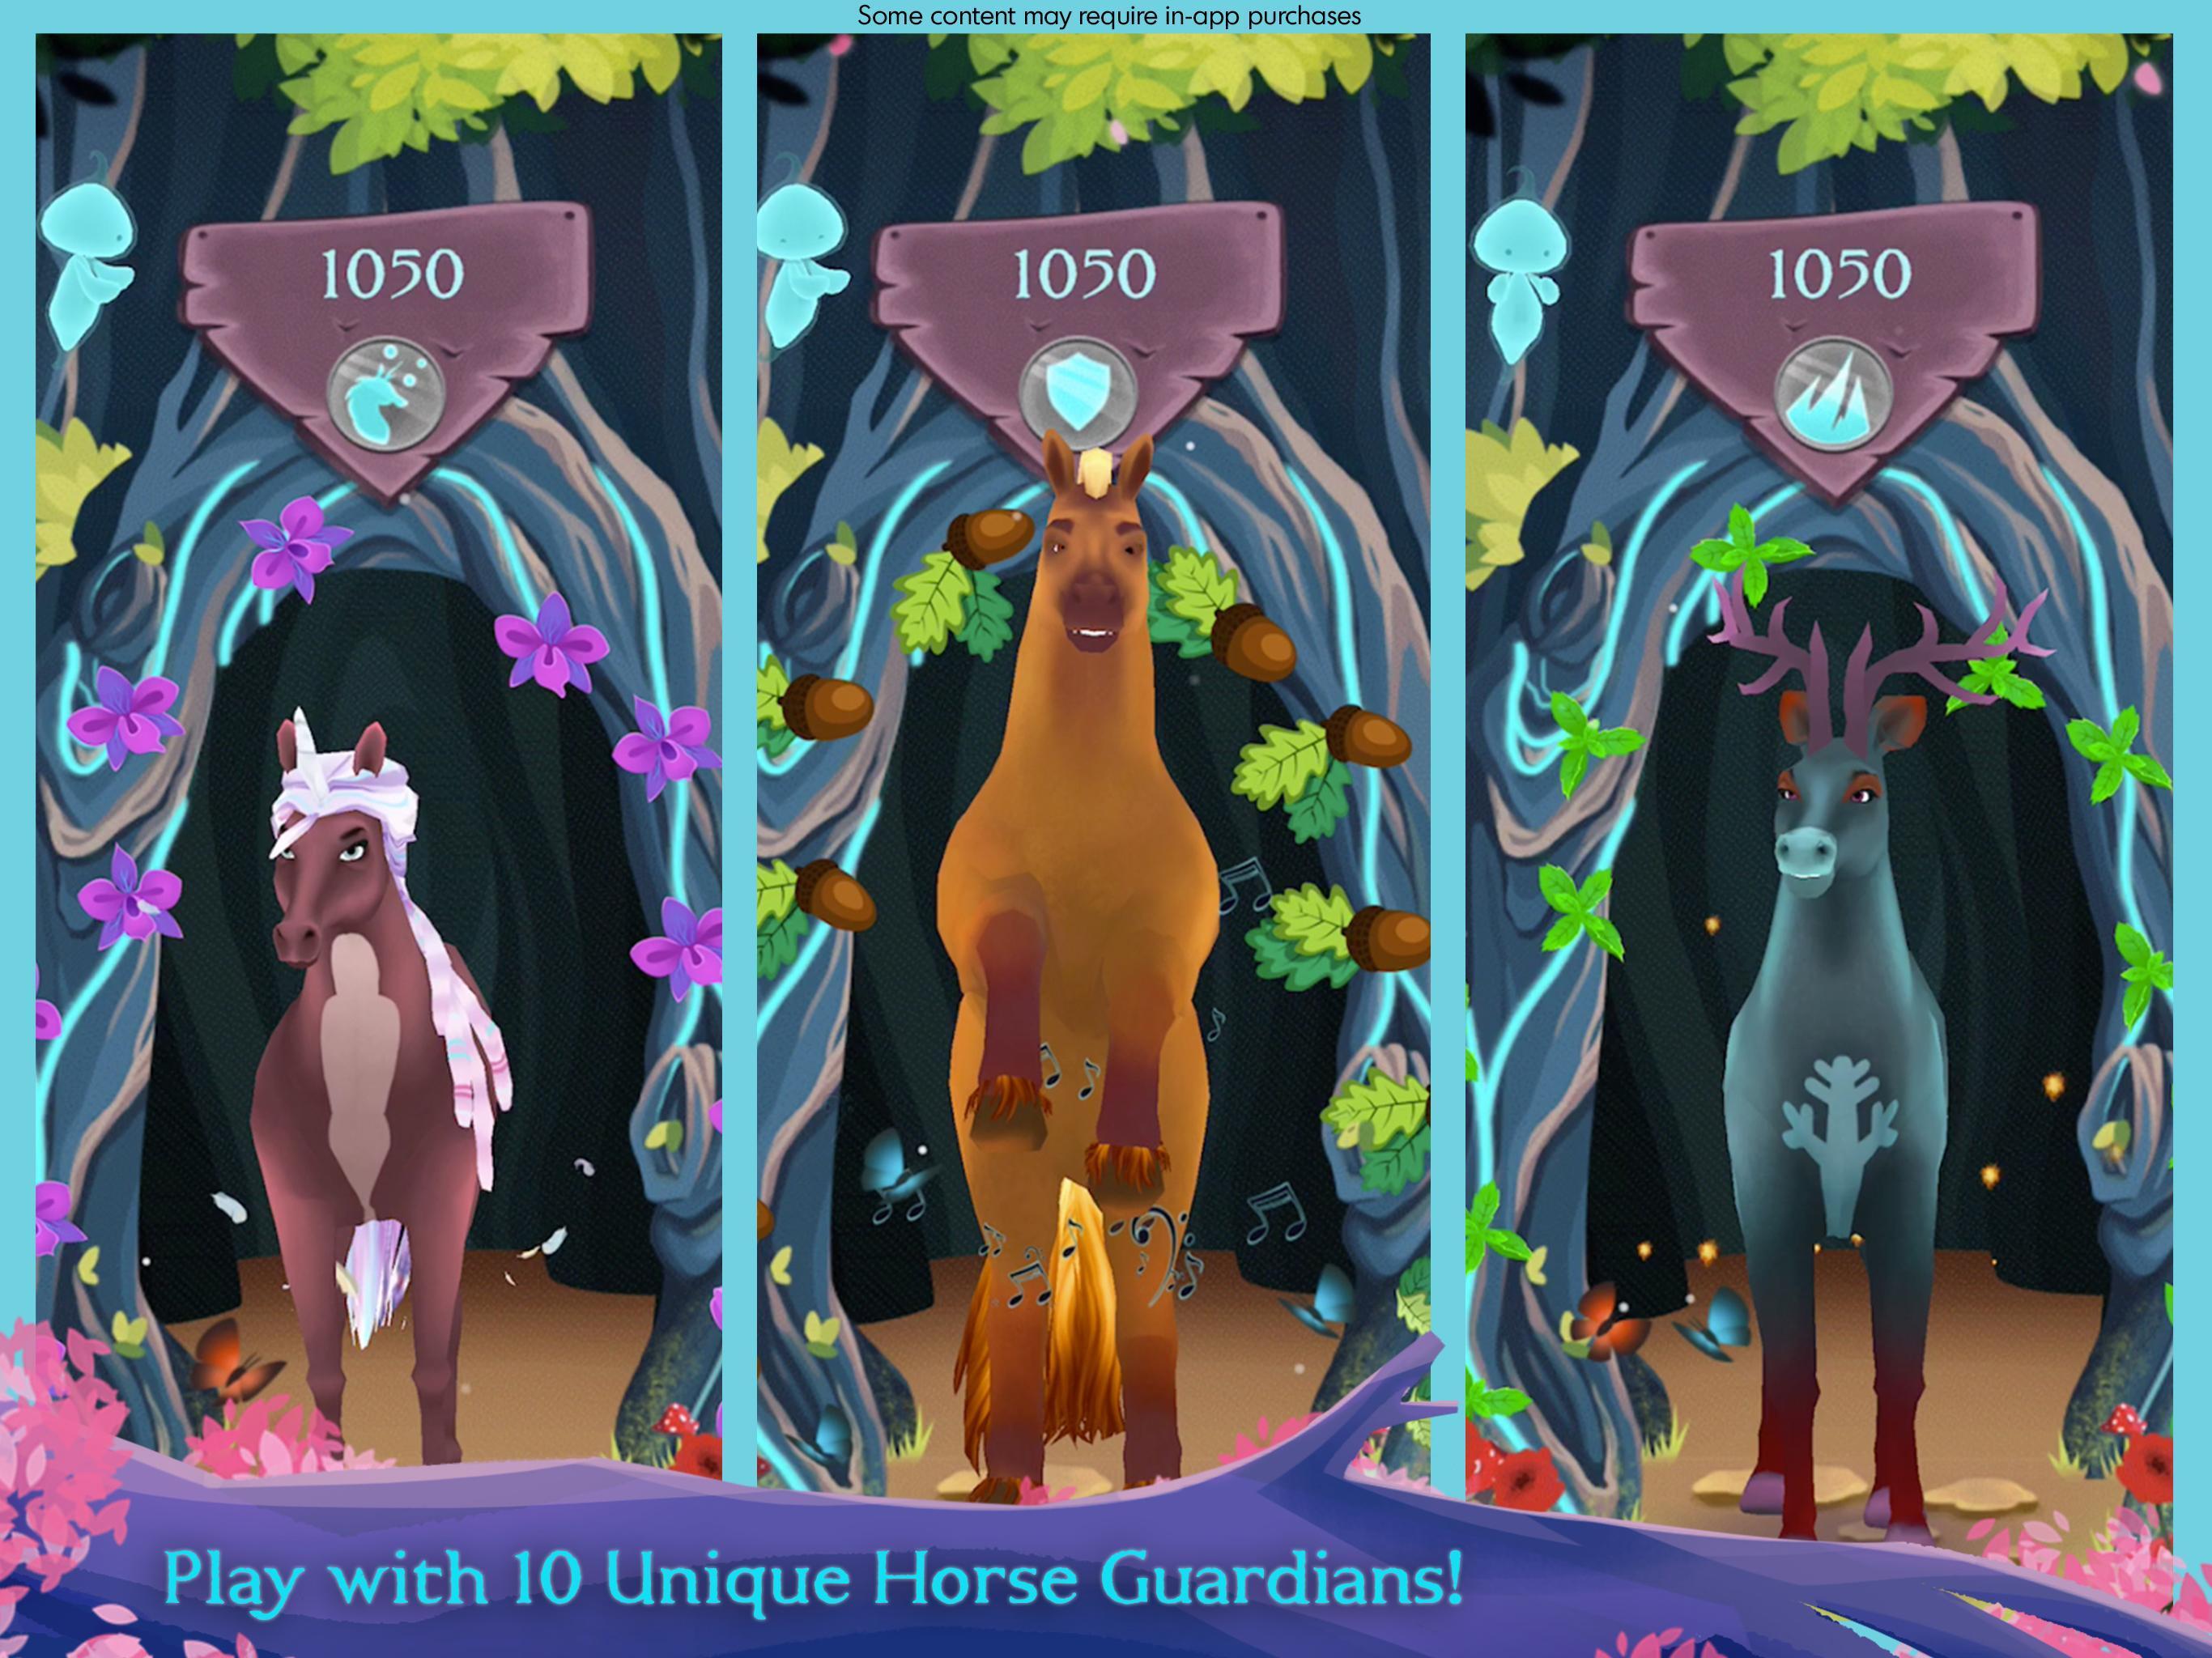 EverRun The Horse Guardians - Epic Endless Runner 2.3 Screenshot 7